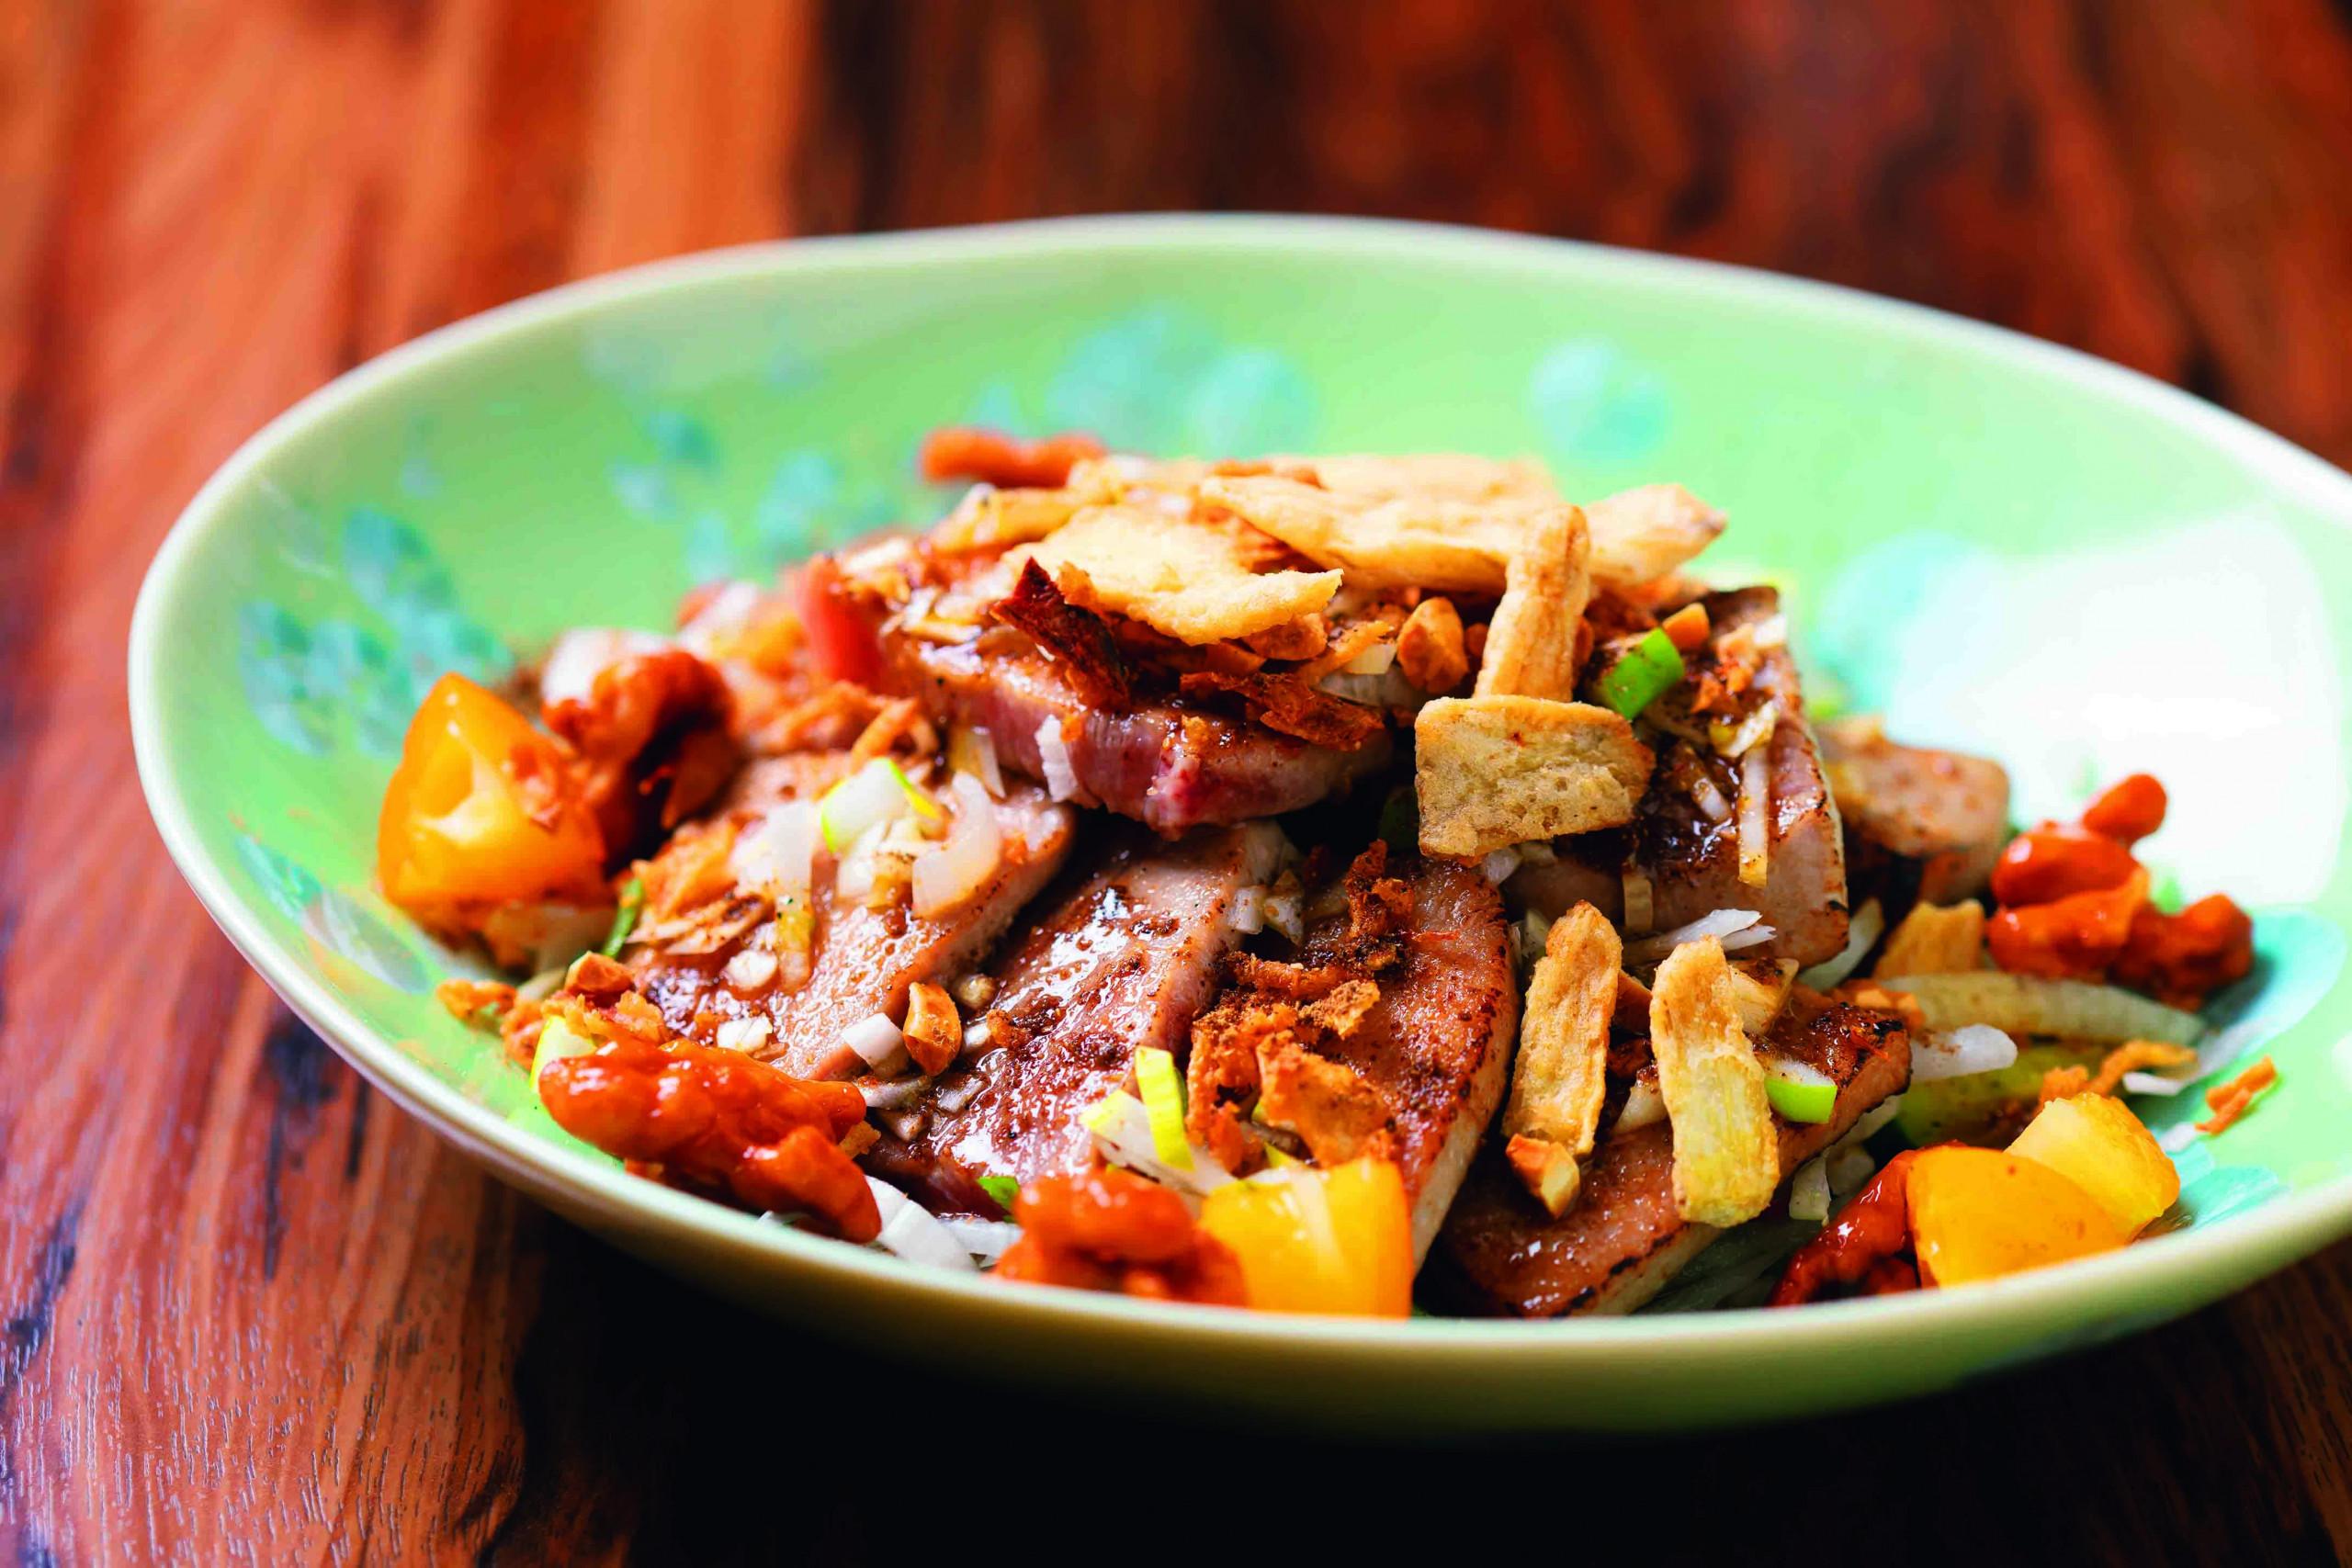 天然本マグロを使った豪華な前菜。揚げ玉ねぎ、揚げごぼう、クルミの飴炊きなど歯触りも楽しい,、中トロのあぶり葱山椒ソース2000円